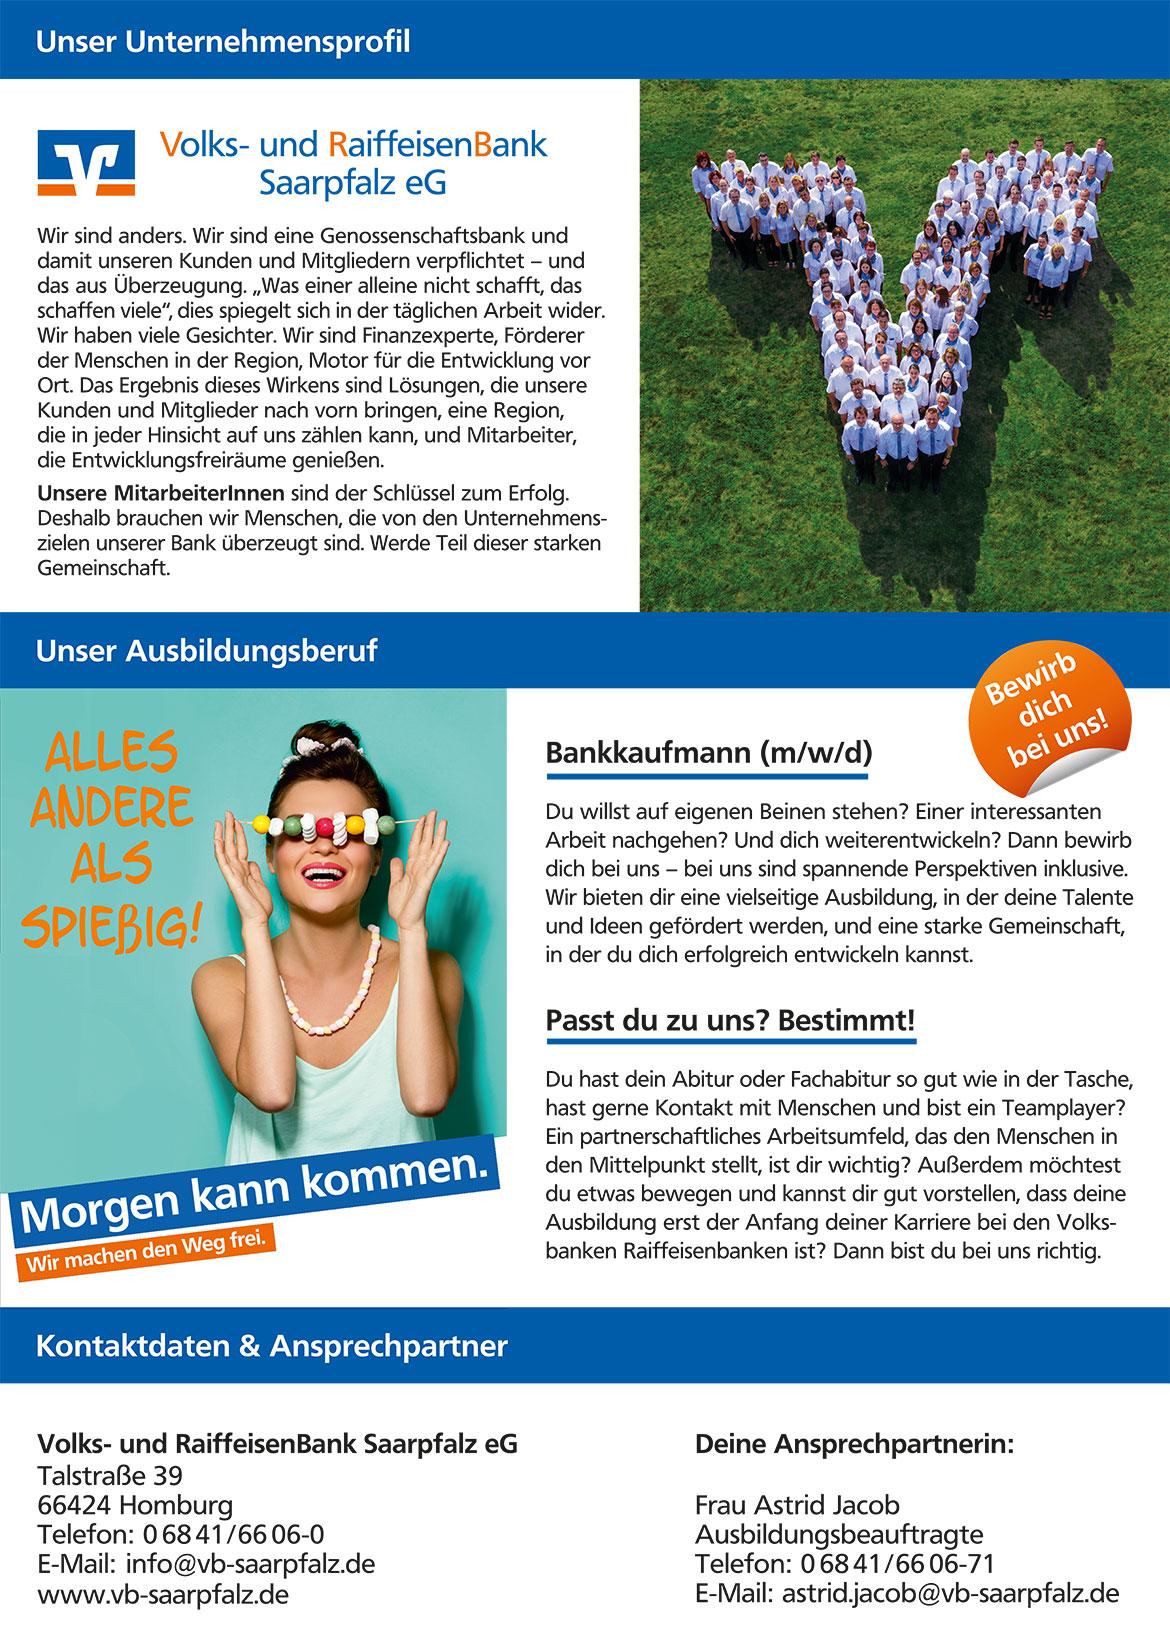 Ausbildungsplakat: Volks- und RaiffeisenBank Saarpfalz